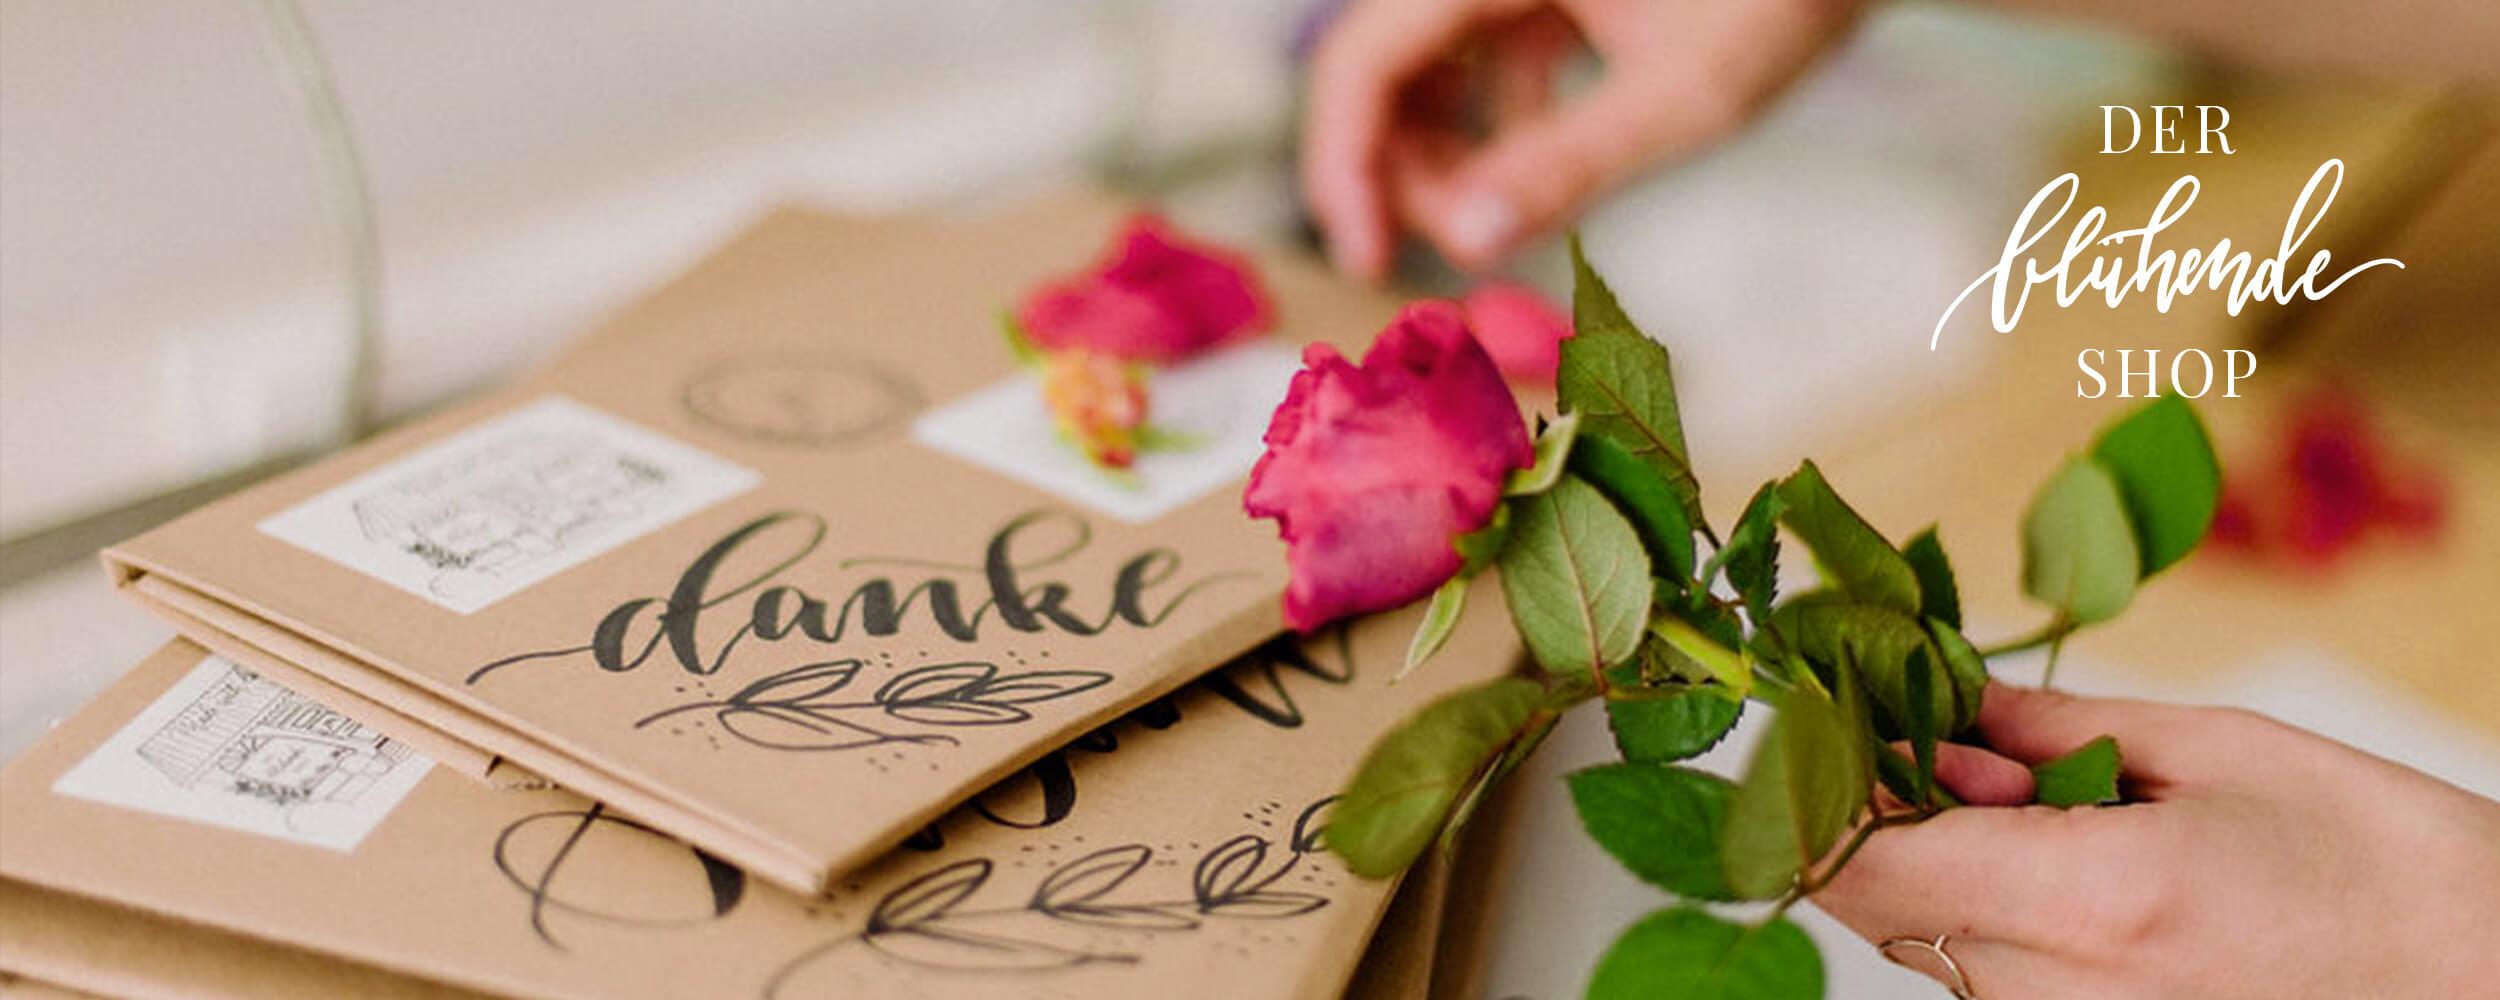 Liebevolle Kalligrafie und Handlettering Produkte